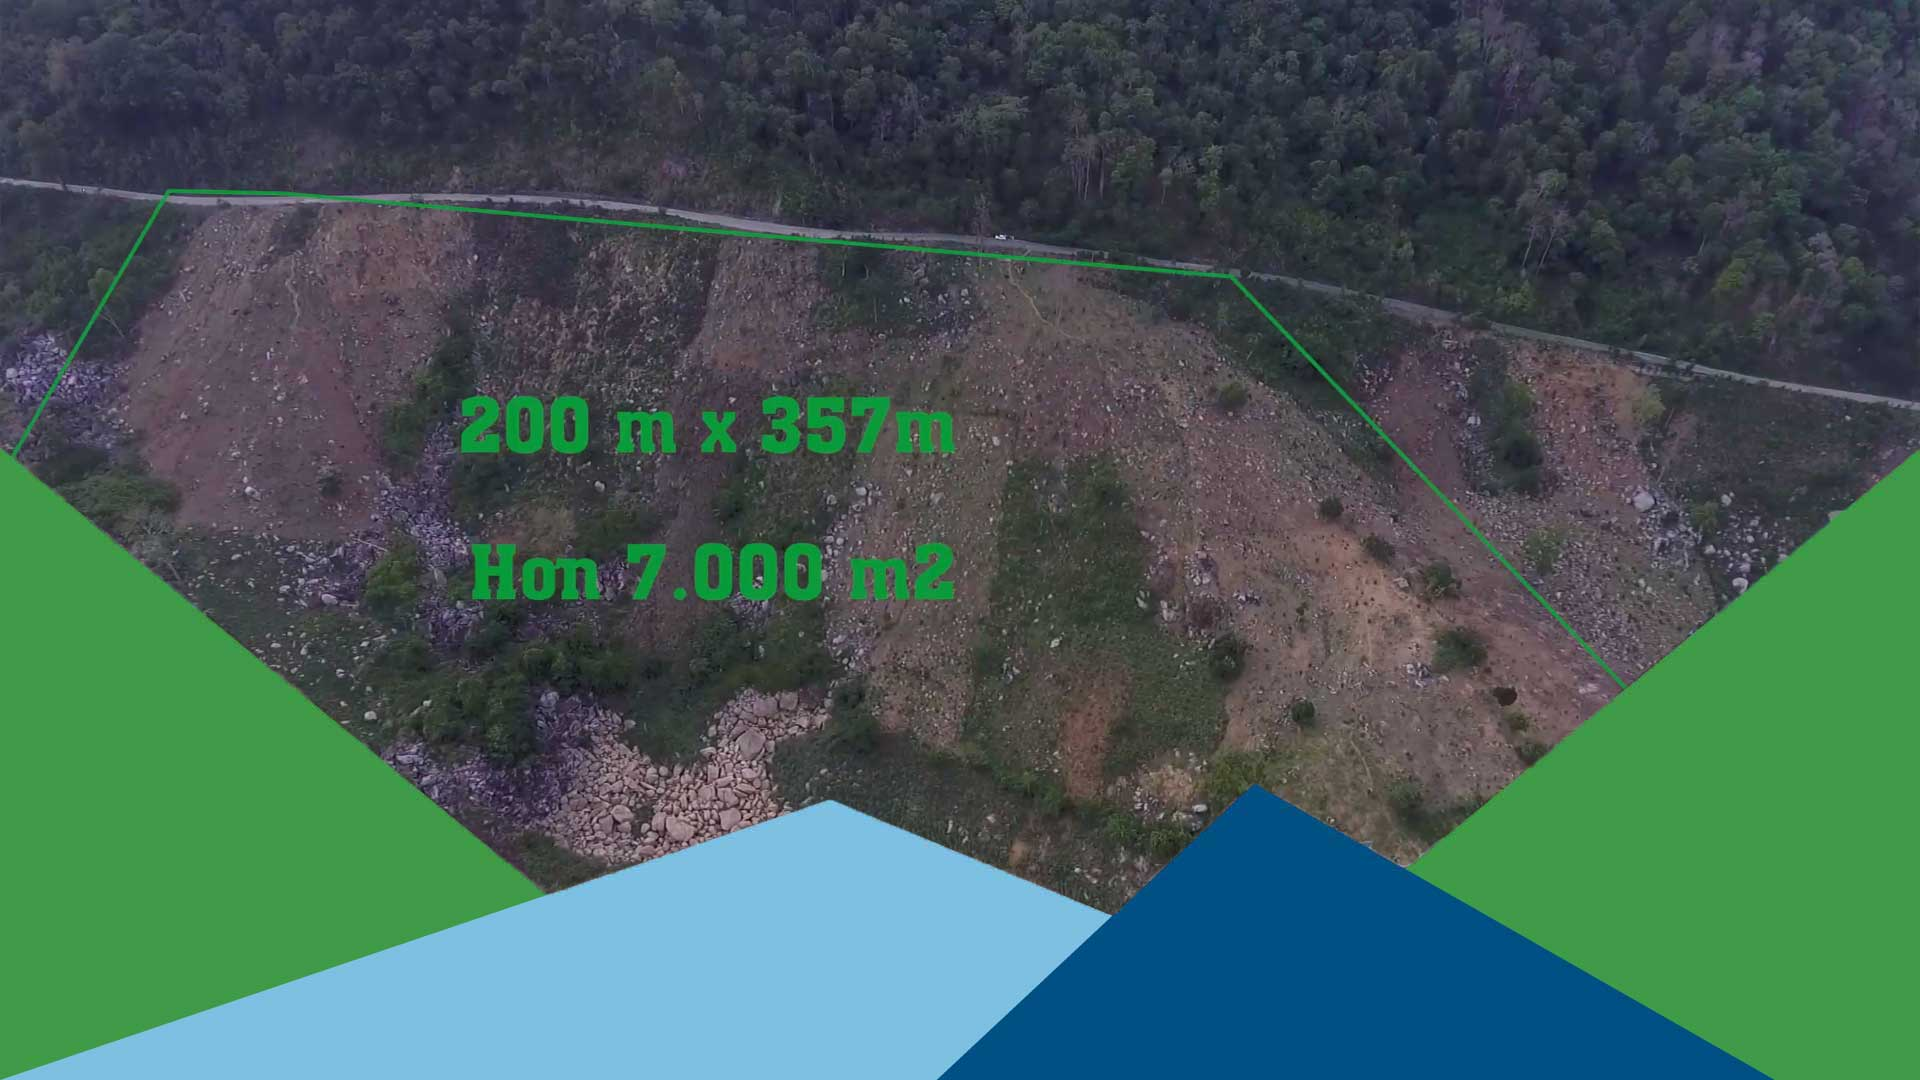 Mua Bán Đất Giáp Hồ NamKa Hồ Nam Ka, Xã Nam Ka, Huyện Lăk